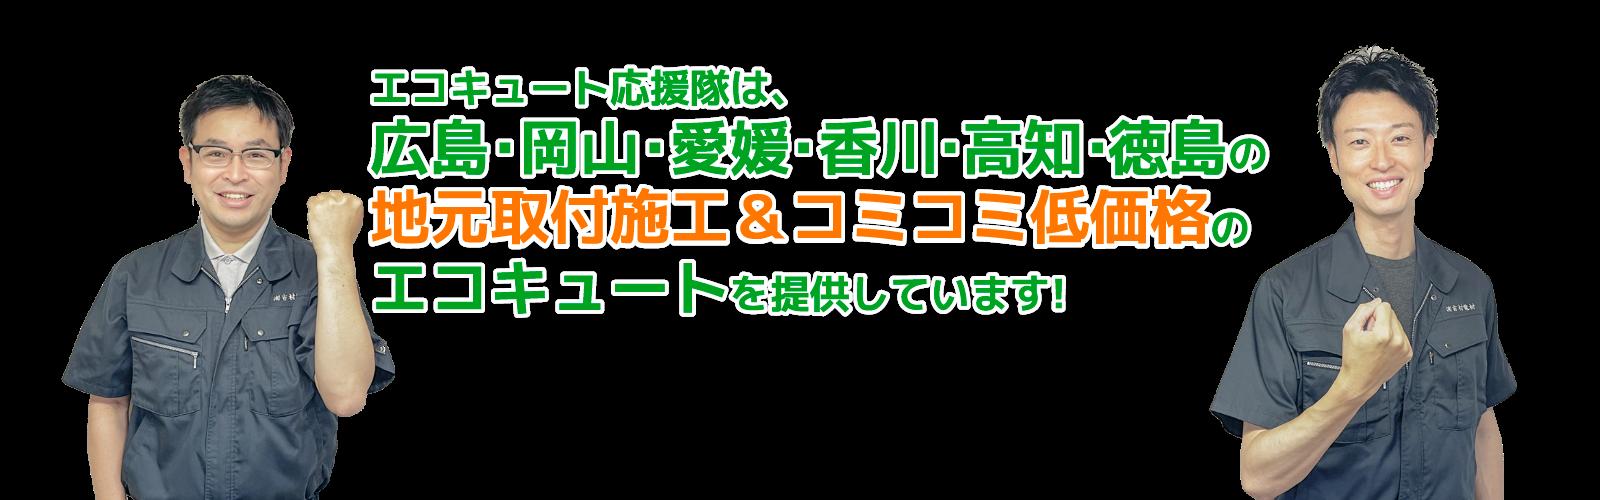 エコキュート応援隊は、高知・香川のエコキュート設置工事と電気代節約サービスを提供しています!